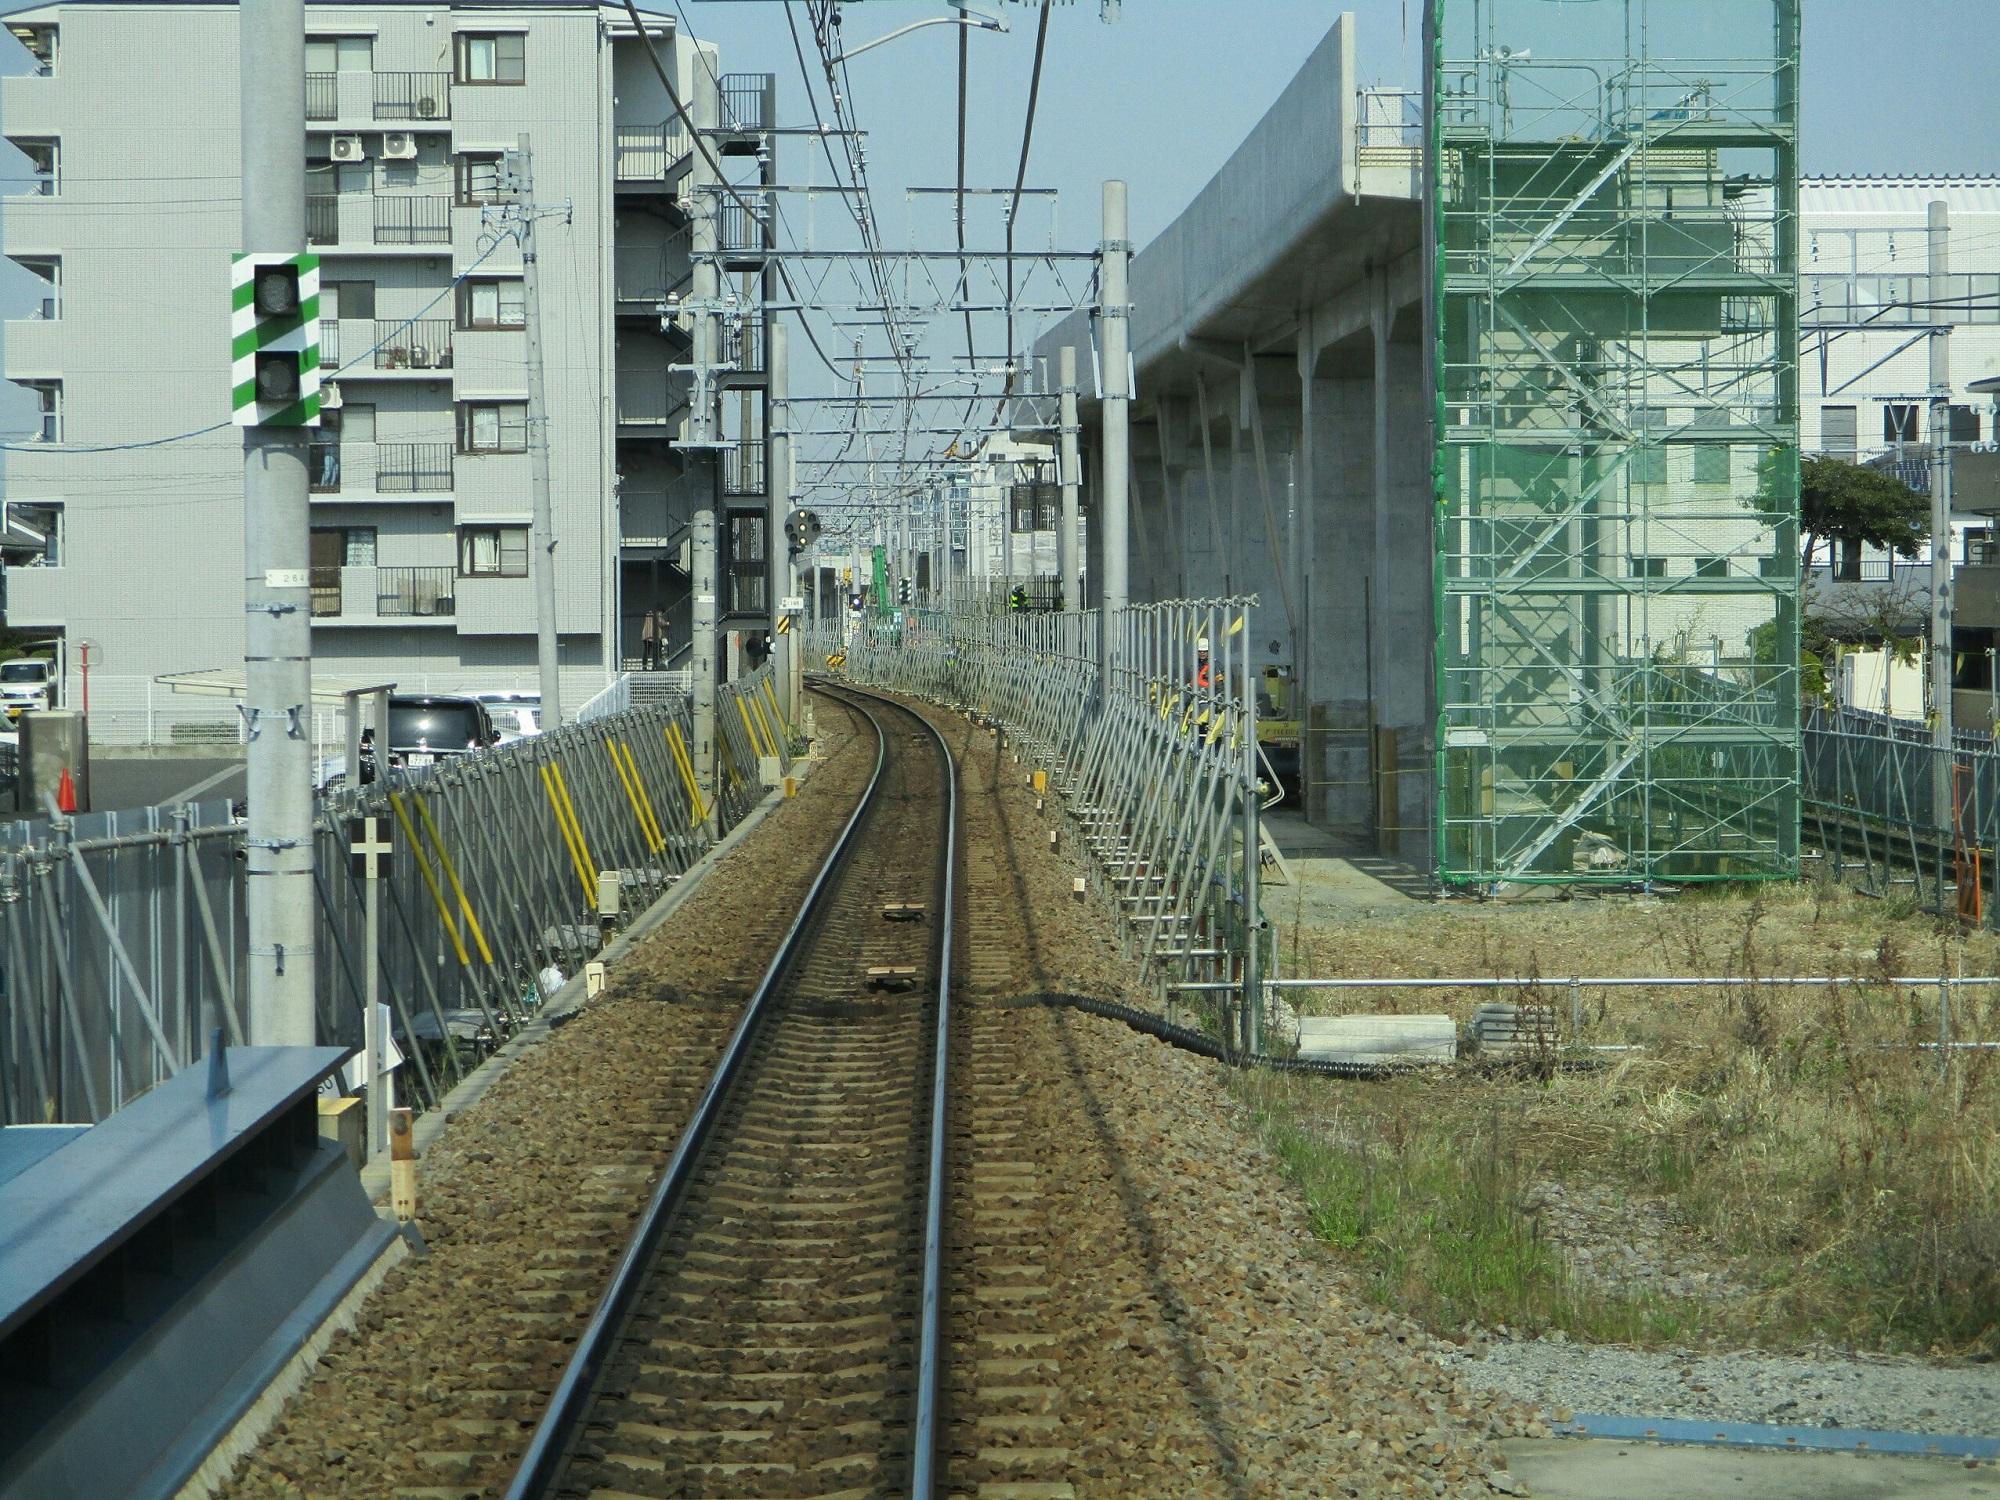 2019.3.27 (15) 弥富いき急行 - 知立すぎ 2000-1500